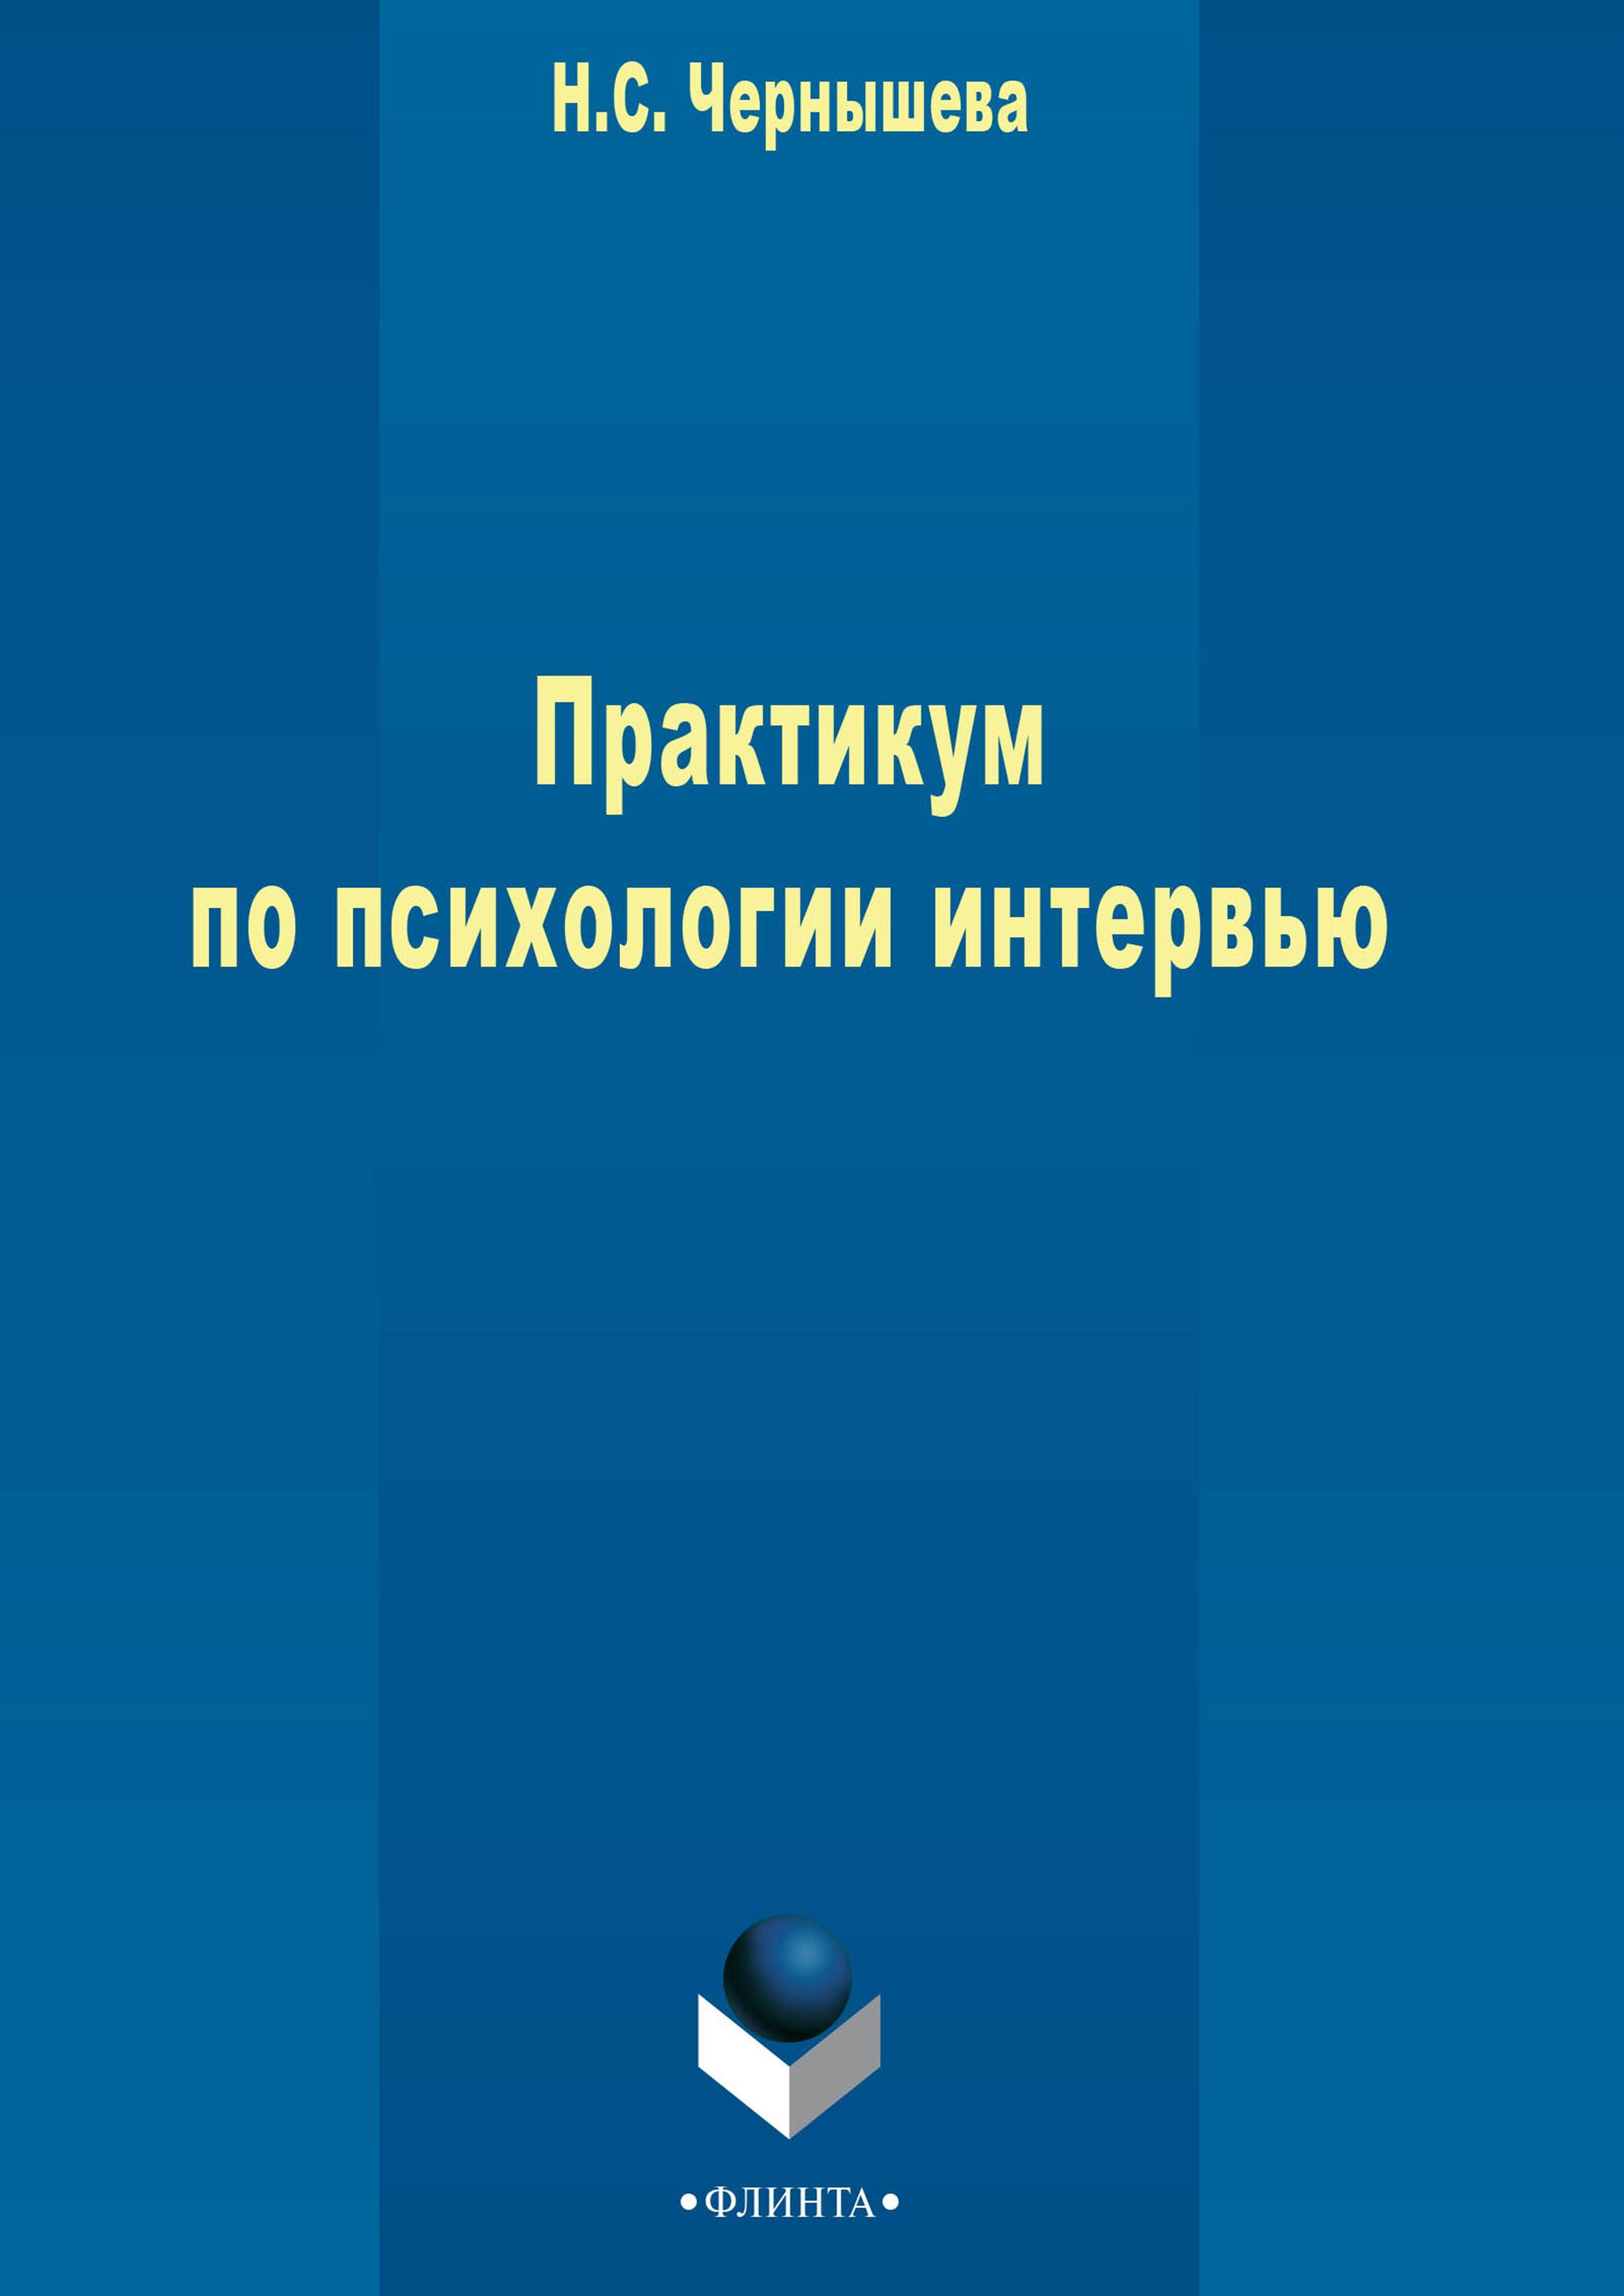 Практикум по психологии интервью ( Н. С. Чернышева  )